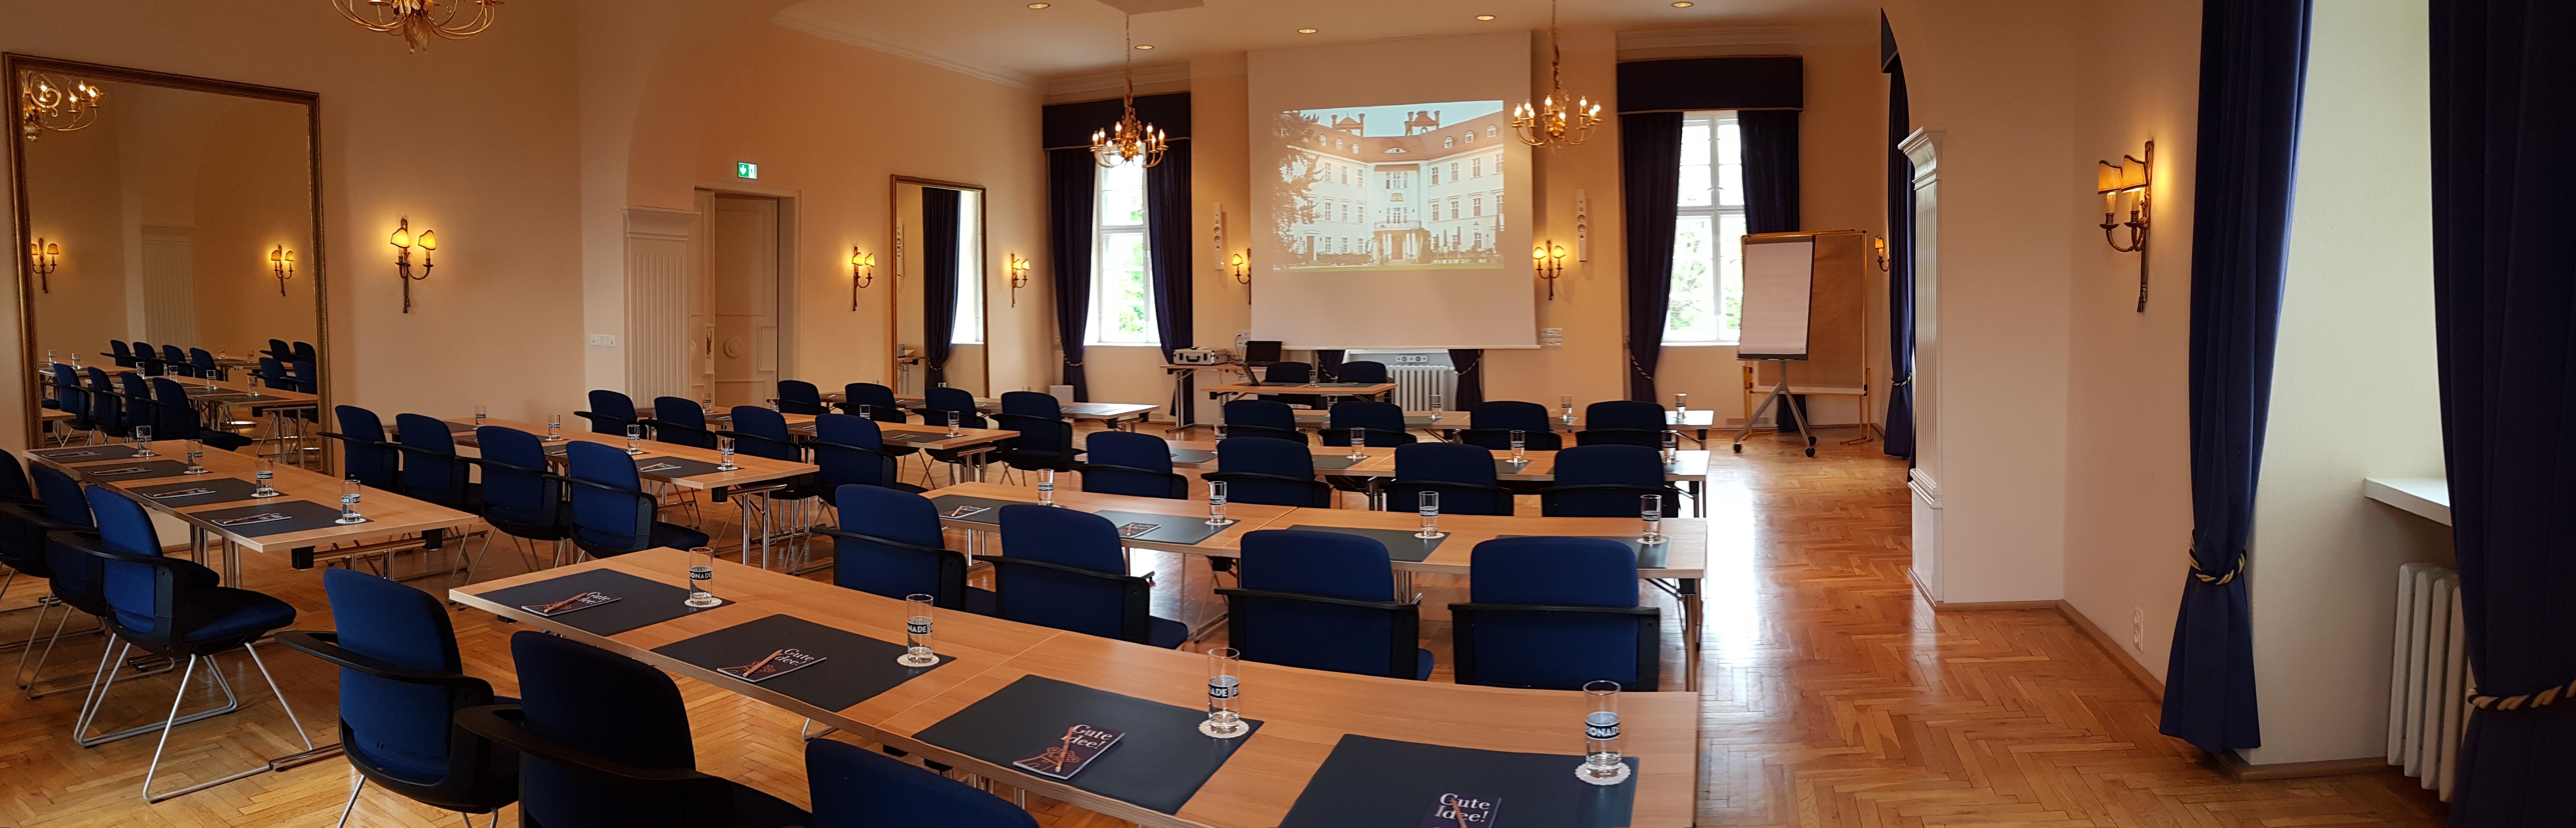 Tagungshotel Spreewald - Tagungshotel Brandenburg - Beletage - Raum Lübbenau - Schloss Lübbenau im Spreewald